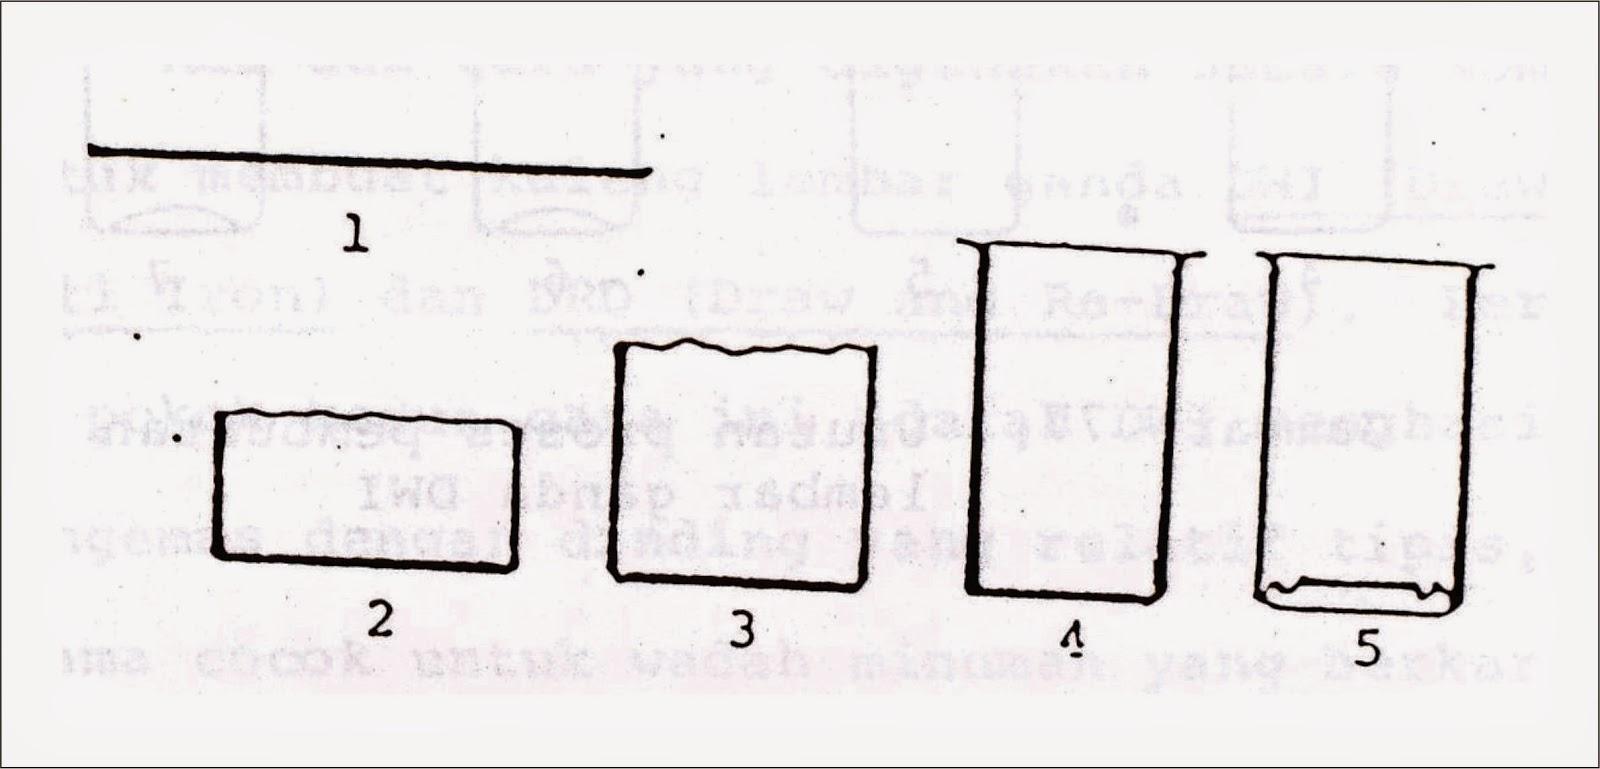 Deeuwi kemasan kaleng proses pengalengan exp nescaffe bahan pembuat kaleng drd adalah plat timah dengan ketebalan 02 mm tahap tahap pembuatan kaleng drd dapat dilihat pada gambar 2 anonim 2010 ccuart Gallery